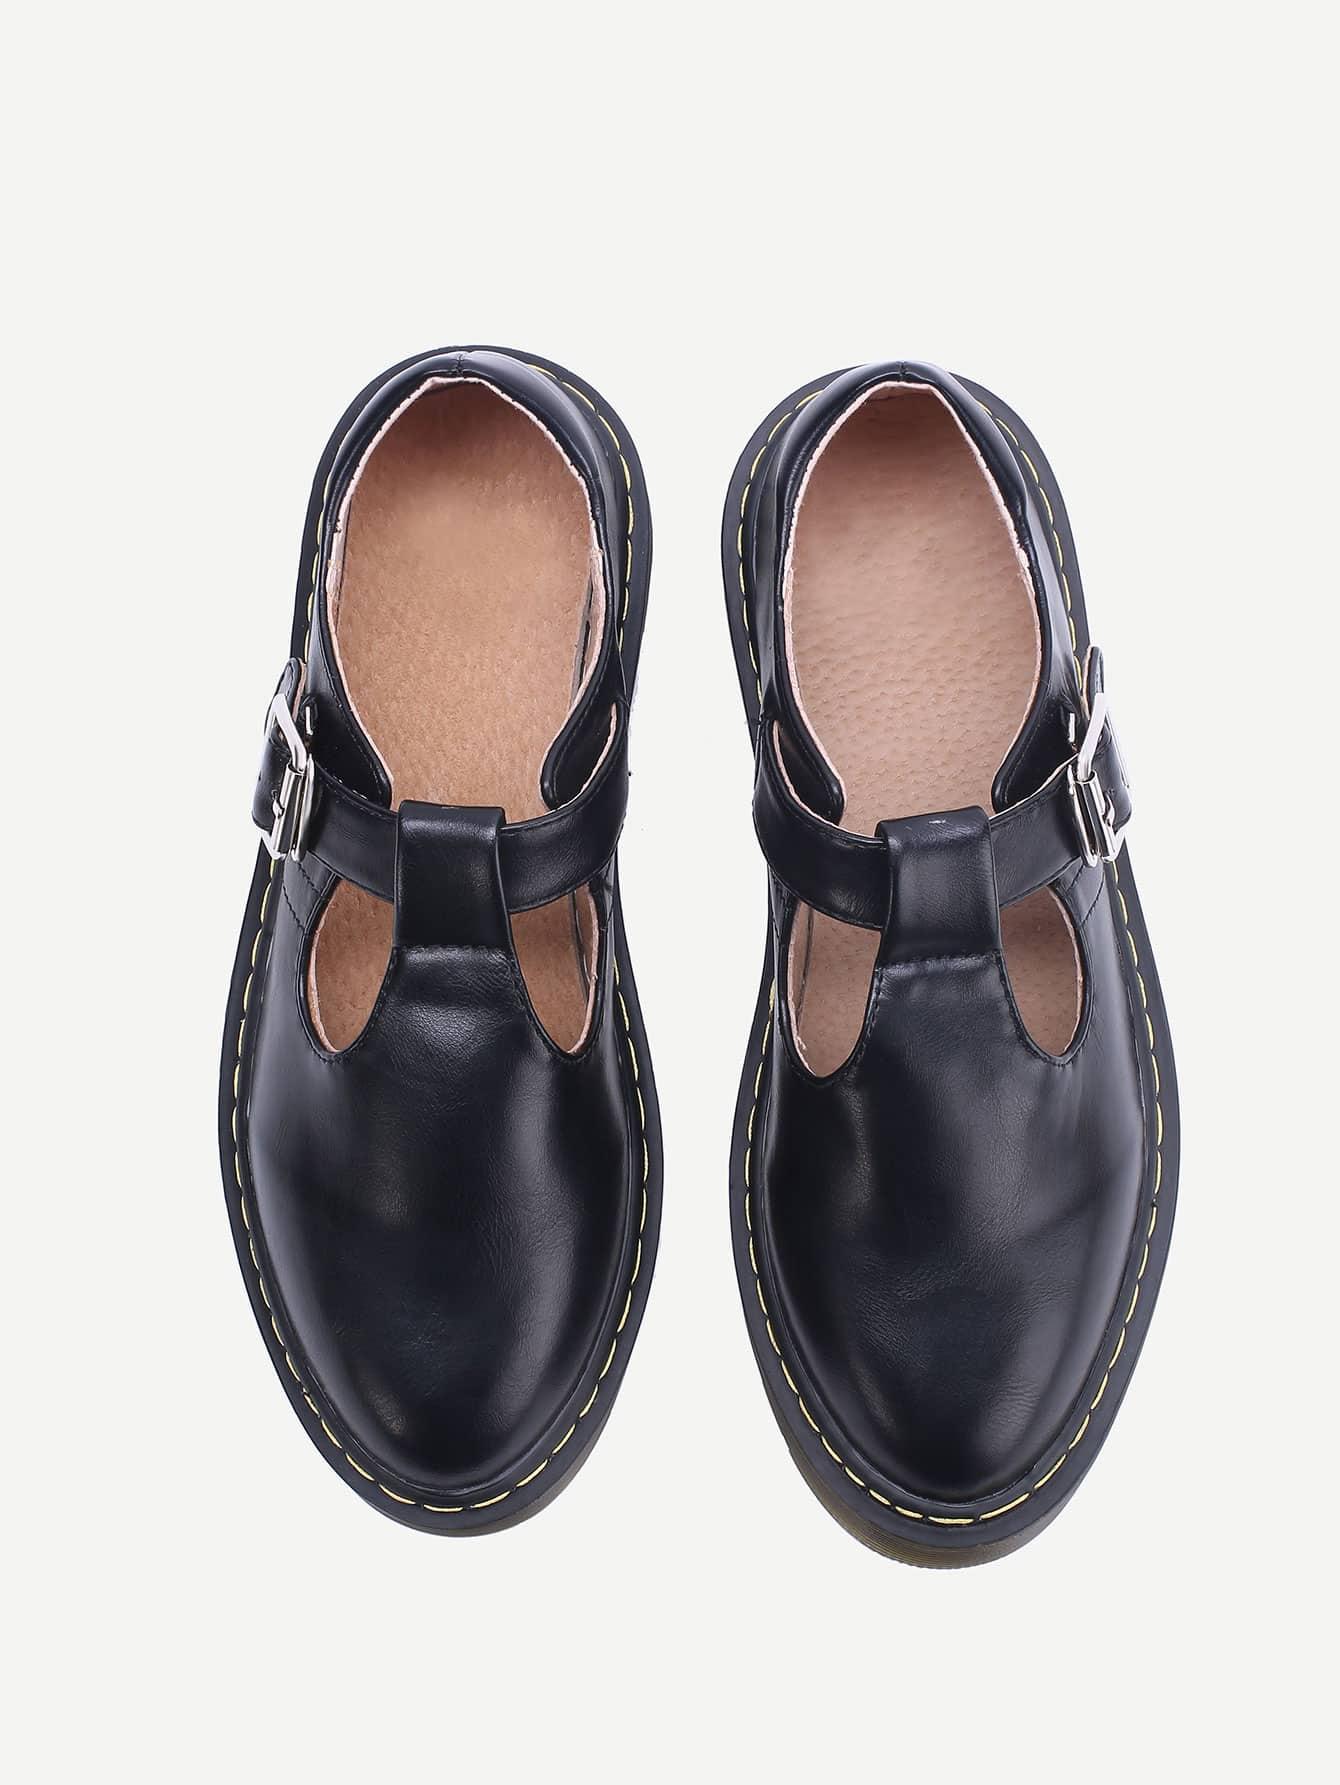 shoes170221806_2